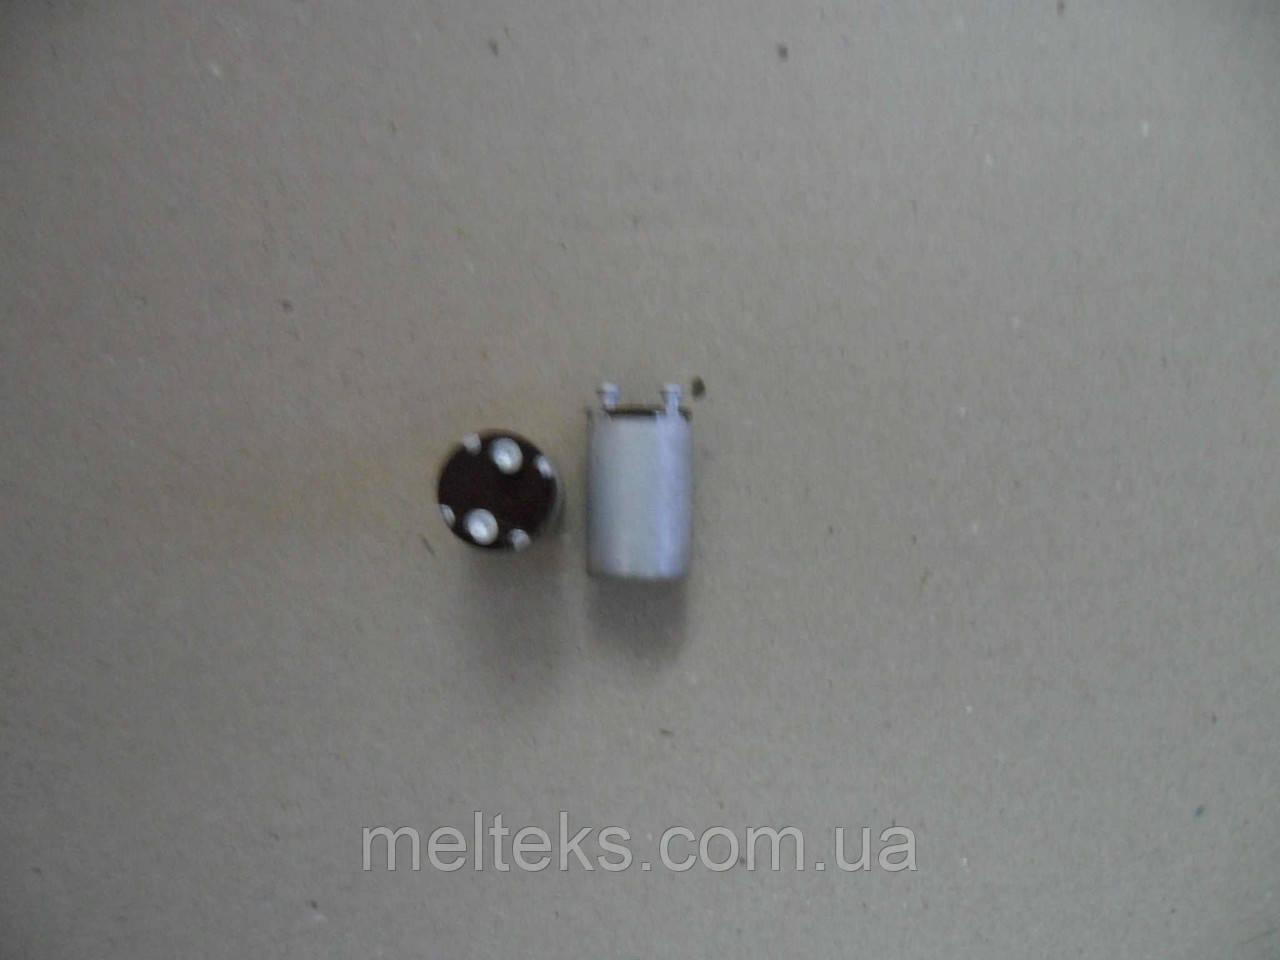 Стартер 20С-127 советский алюминиевый